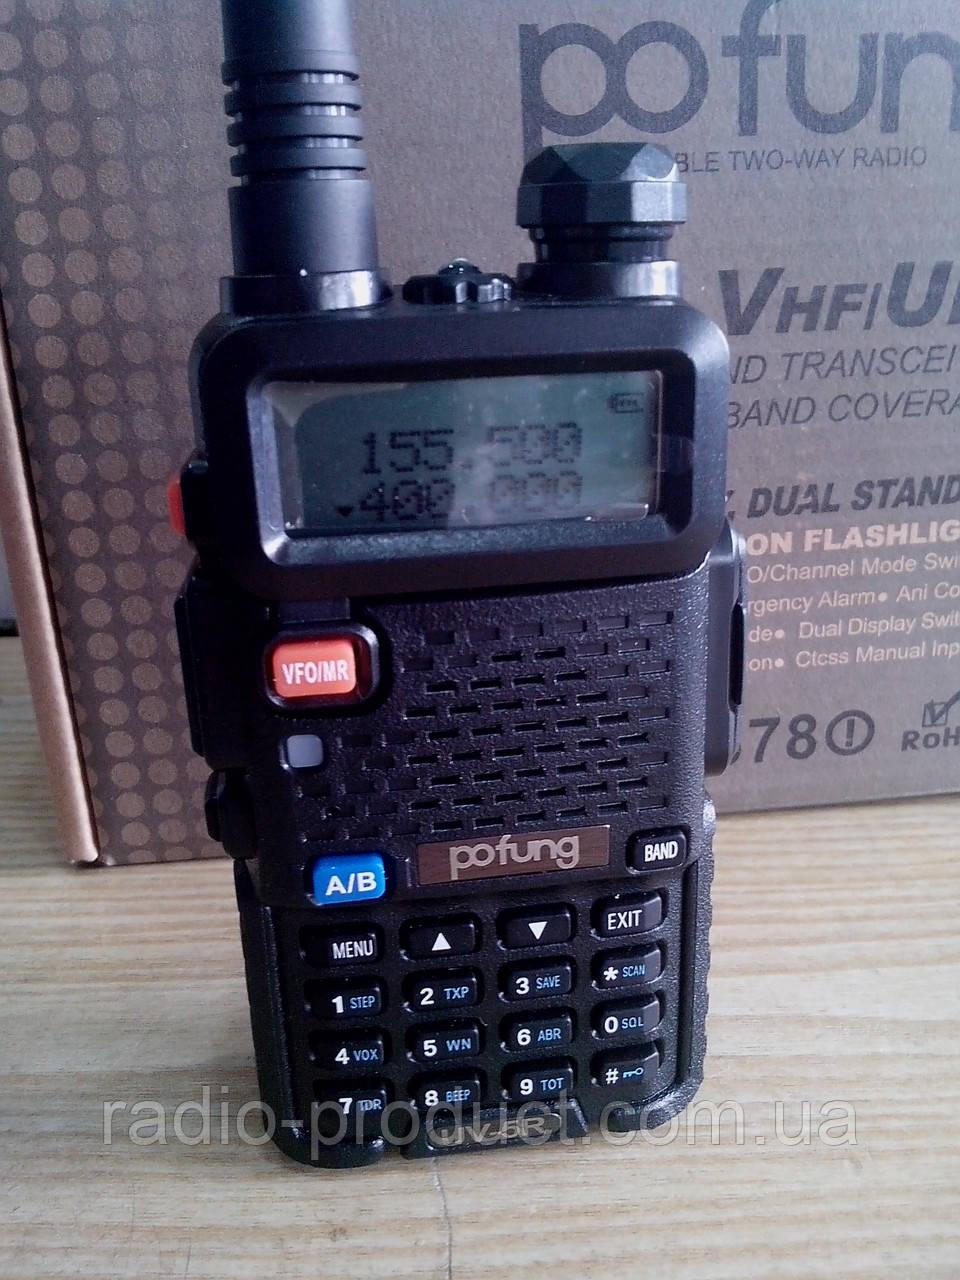 Рация, радиостанция Baofeng UV-5R с двумя АКБ, 3800 + 1800 мАч + гарнитура